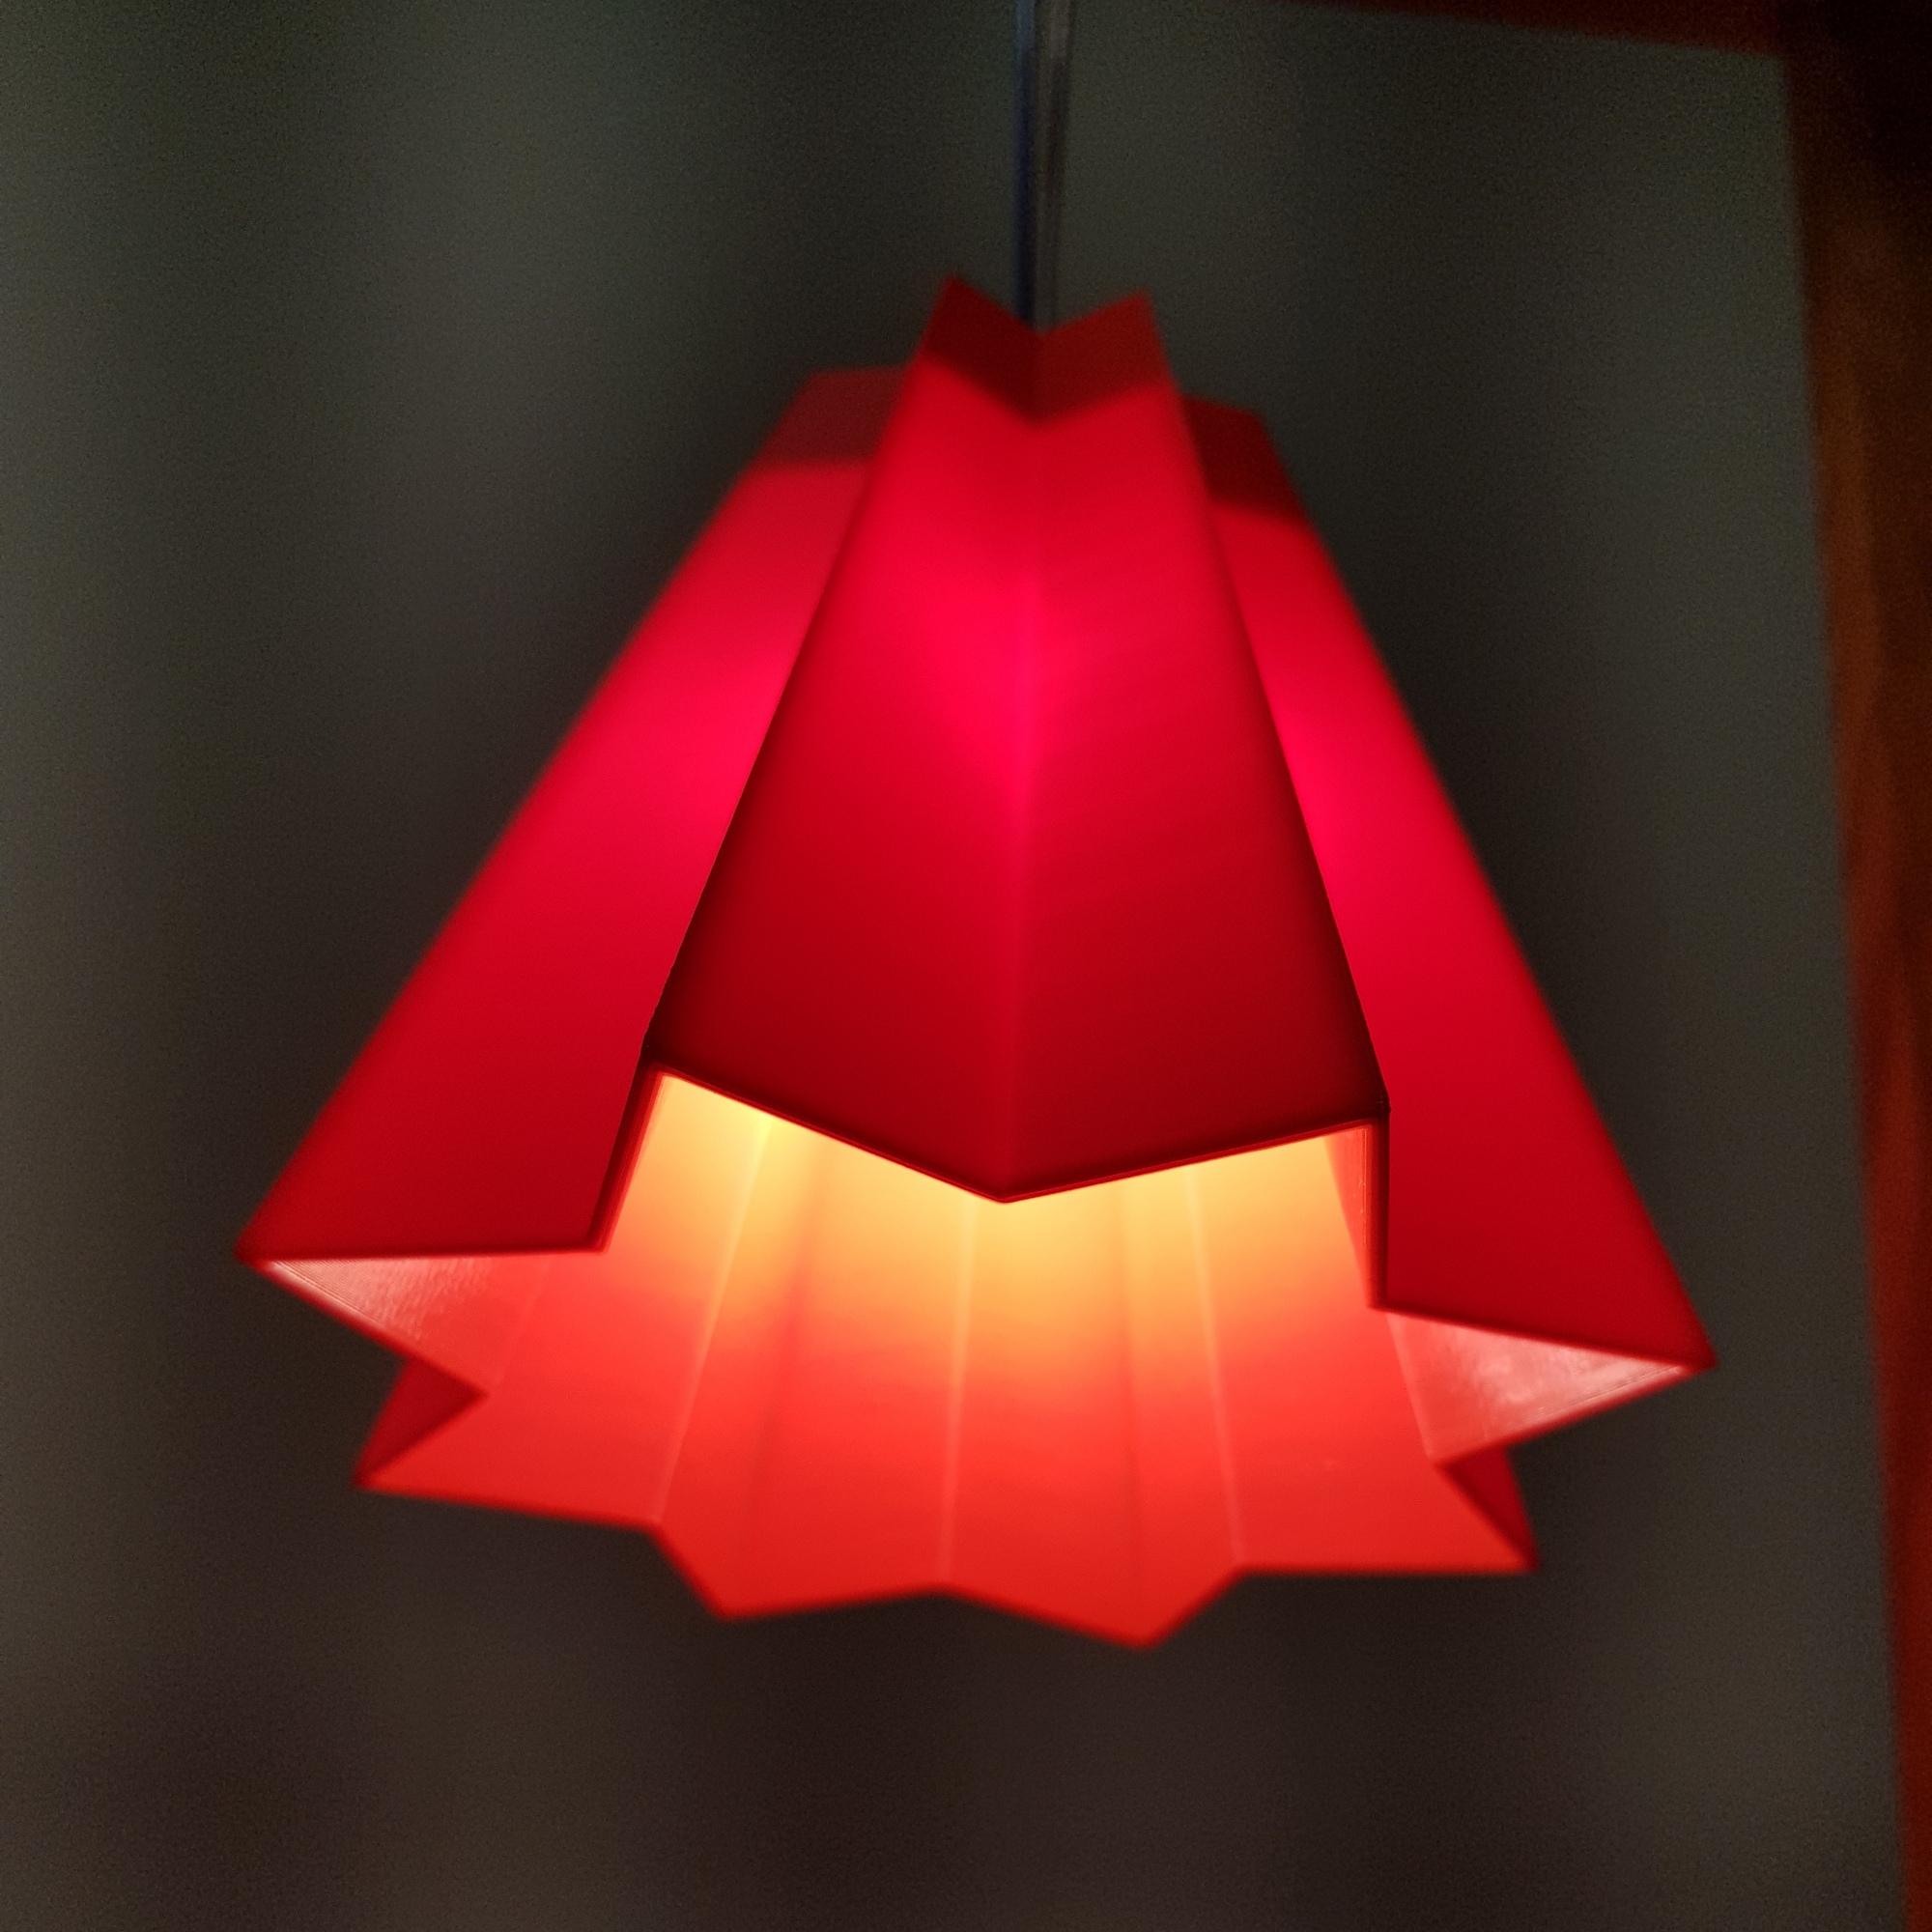 Diseño Lámpara ZLIGHT. Decoración personalizada